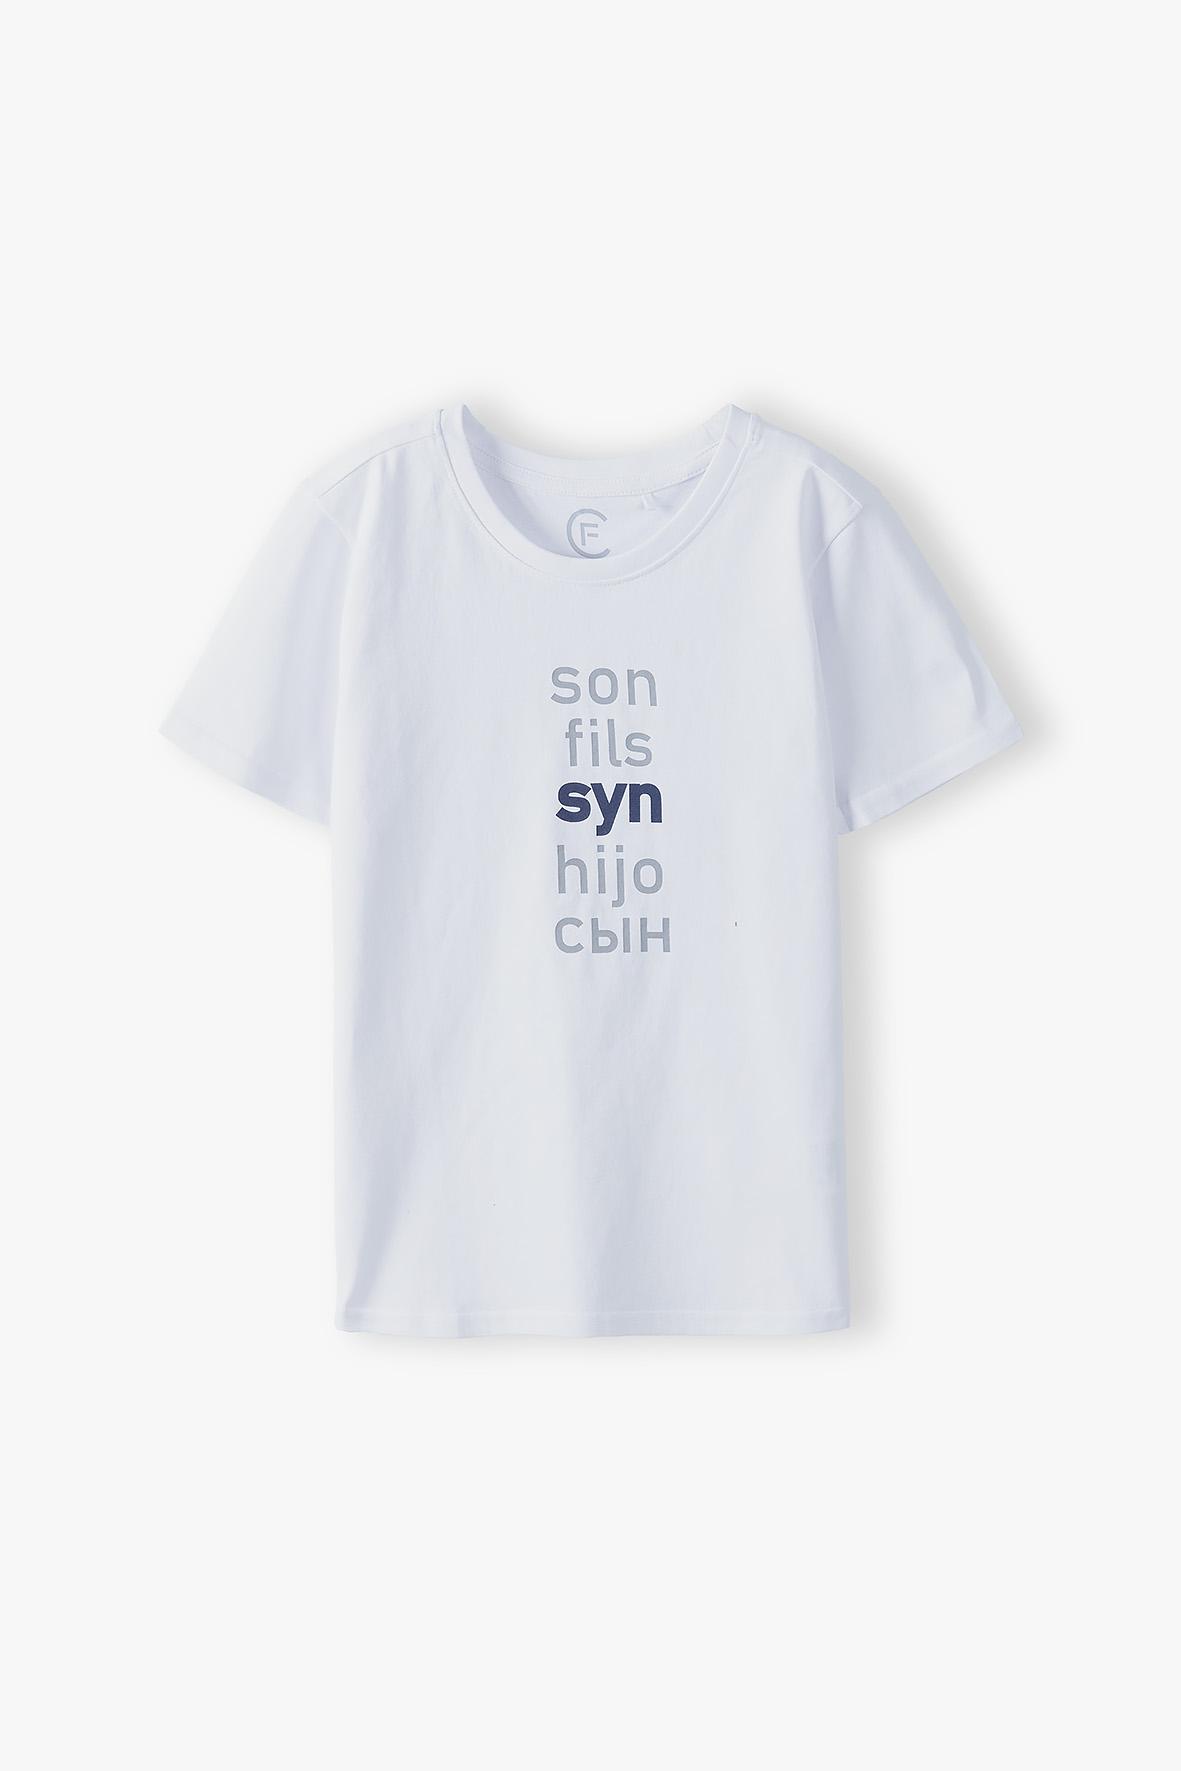 T-shirt chłopięcy biały 2I4063